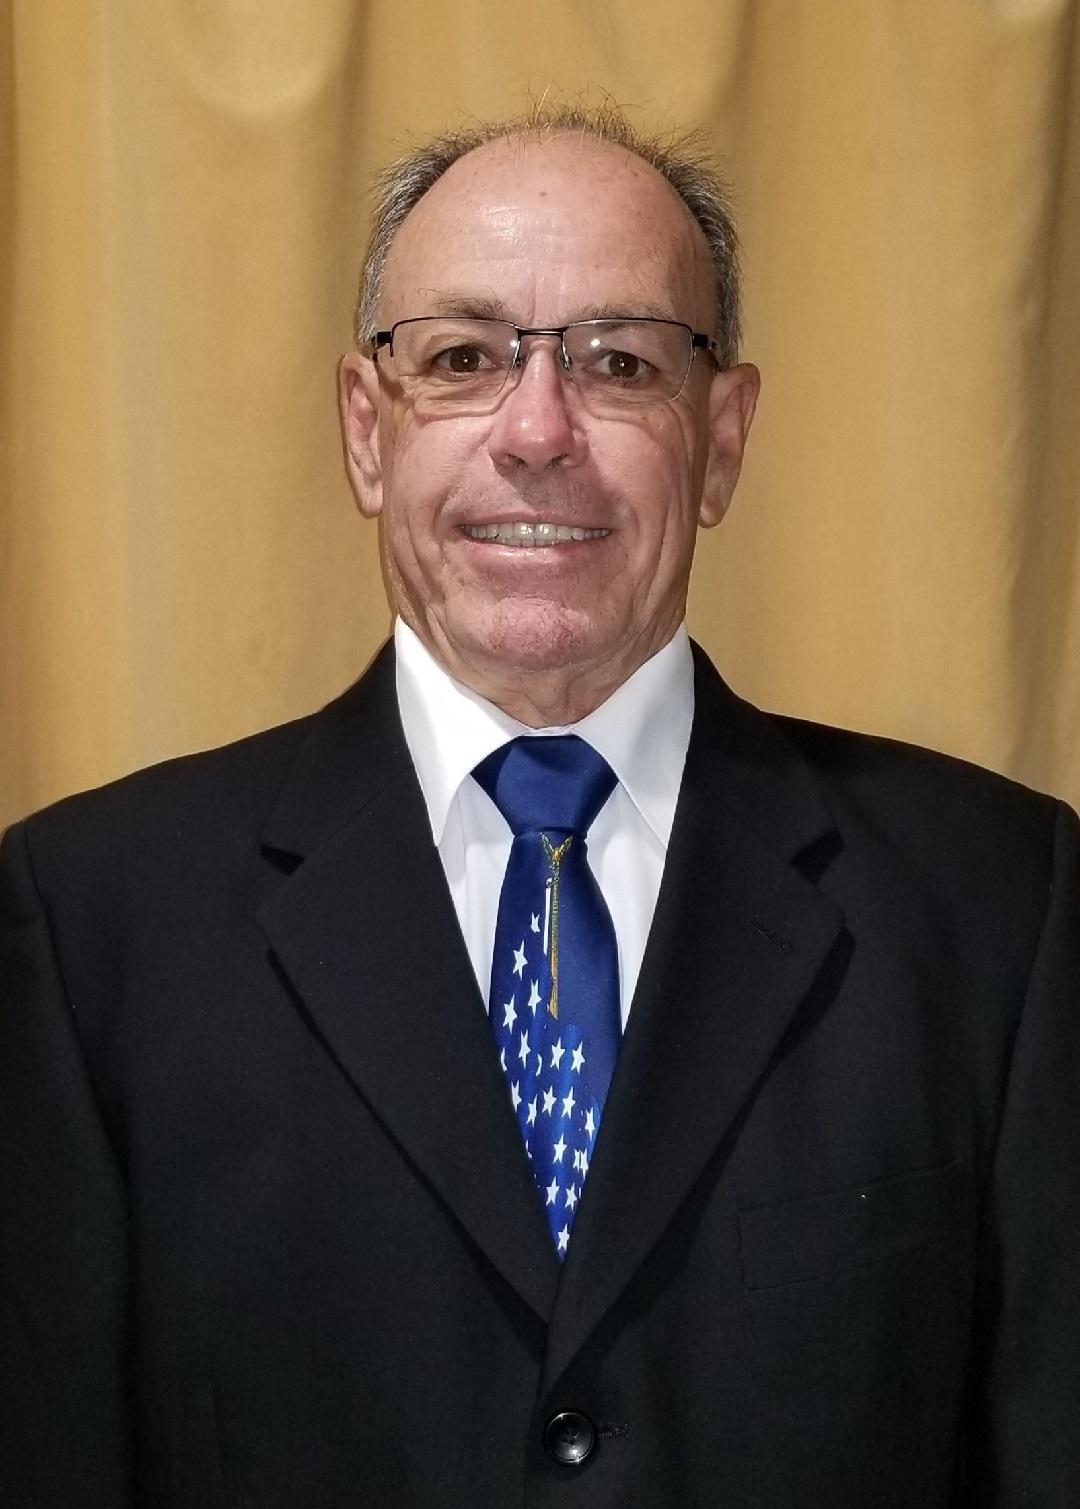 John Sapp